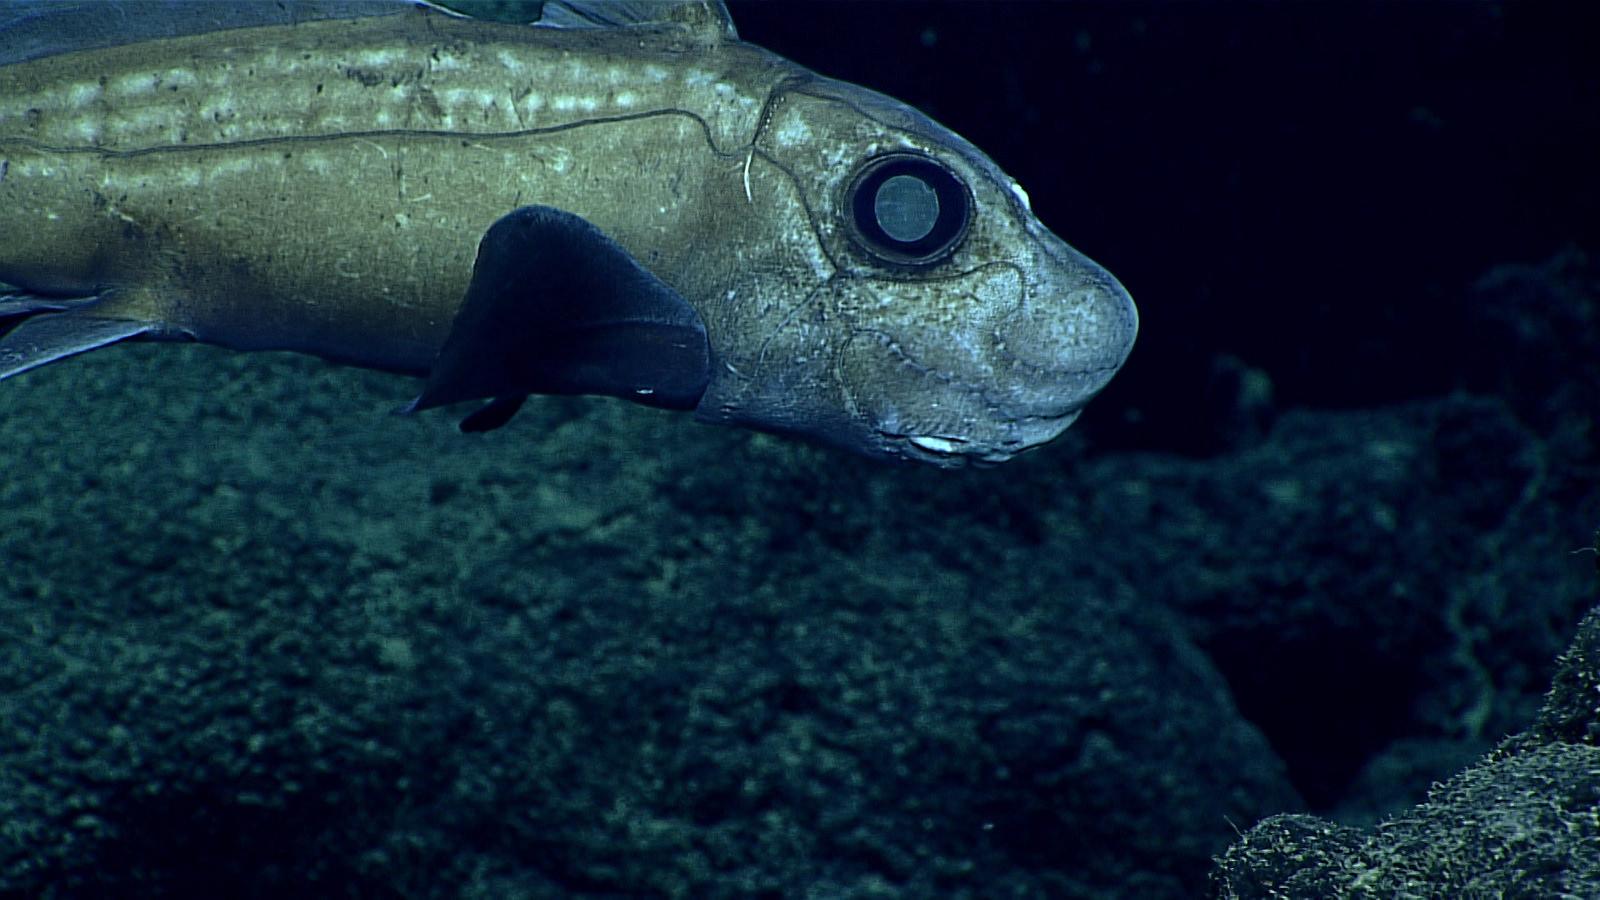 世界一深い海「マリアナ海溝」の謎に迫る!場所や最深部の深さ・生息する生物は?